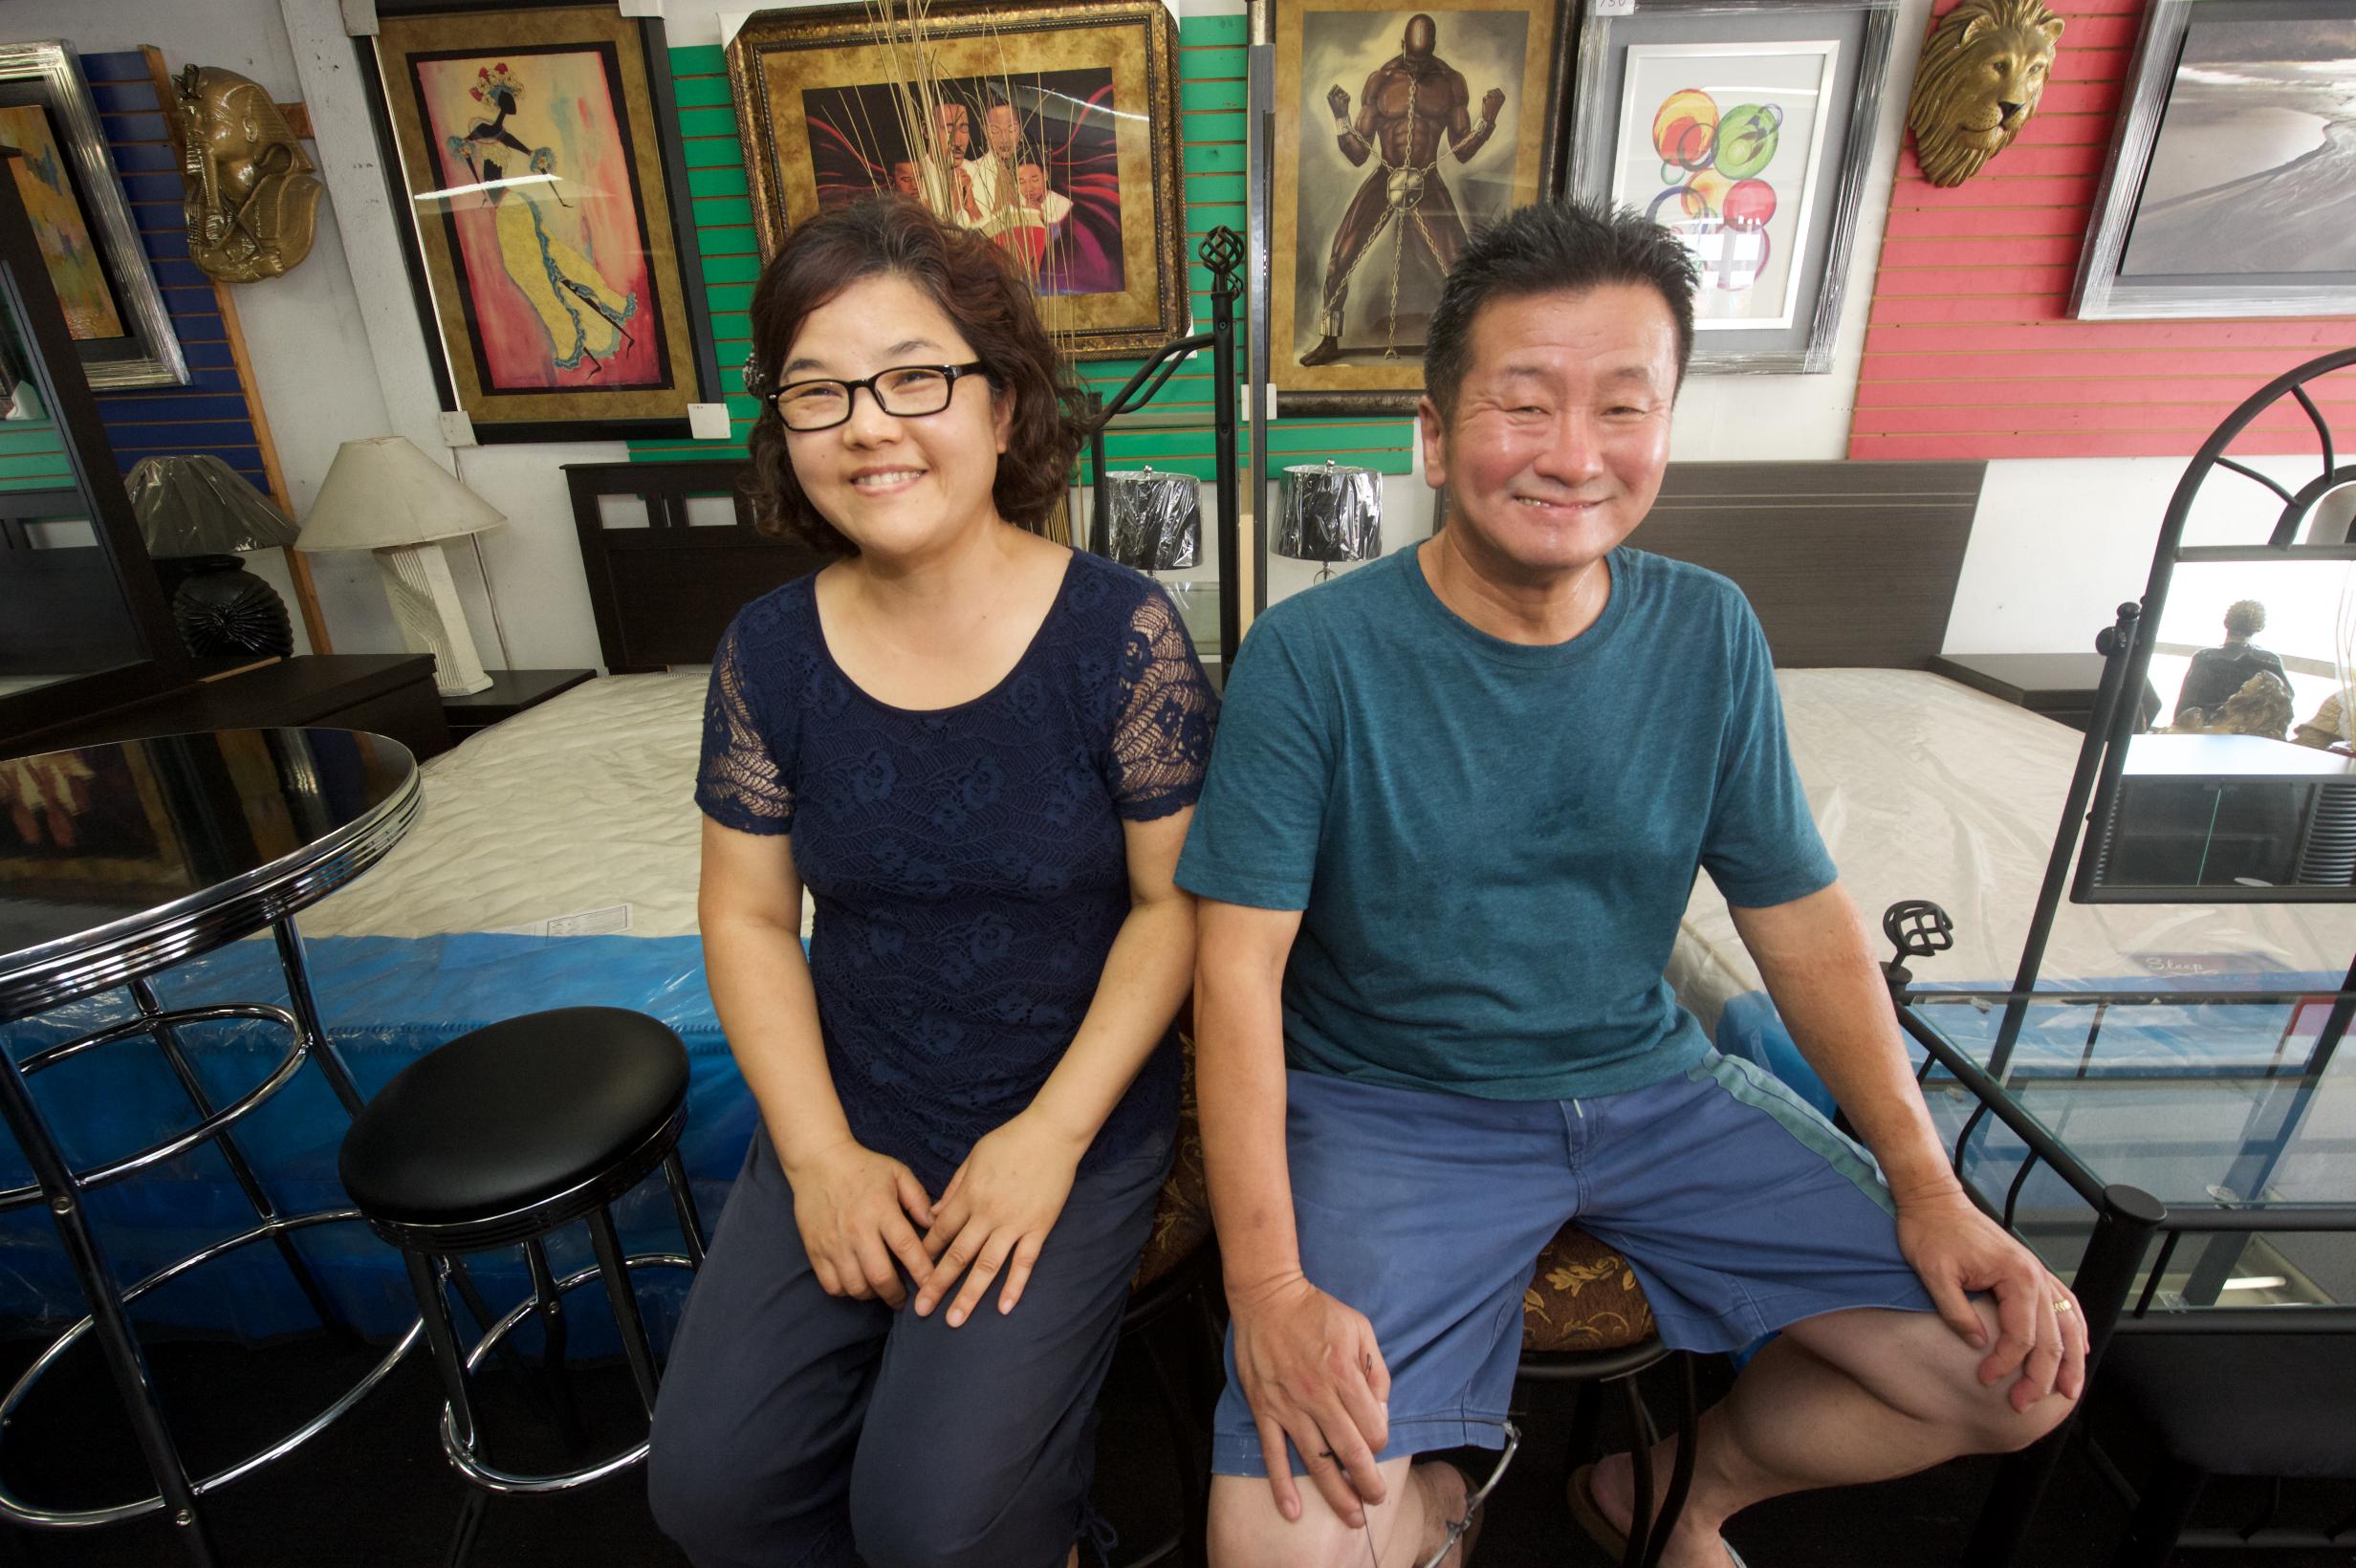 Chong-Yong Yun and Kyoung-Rhan Yun. Photo: Gary Leonard/Metro